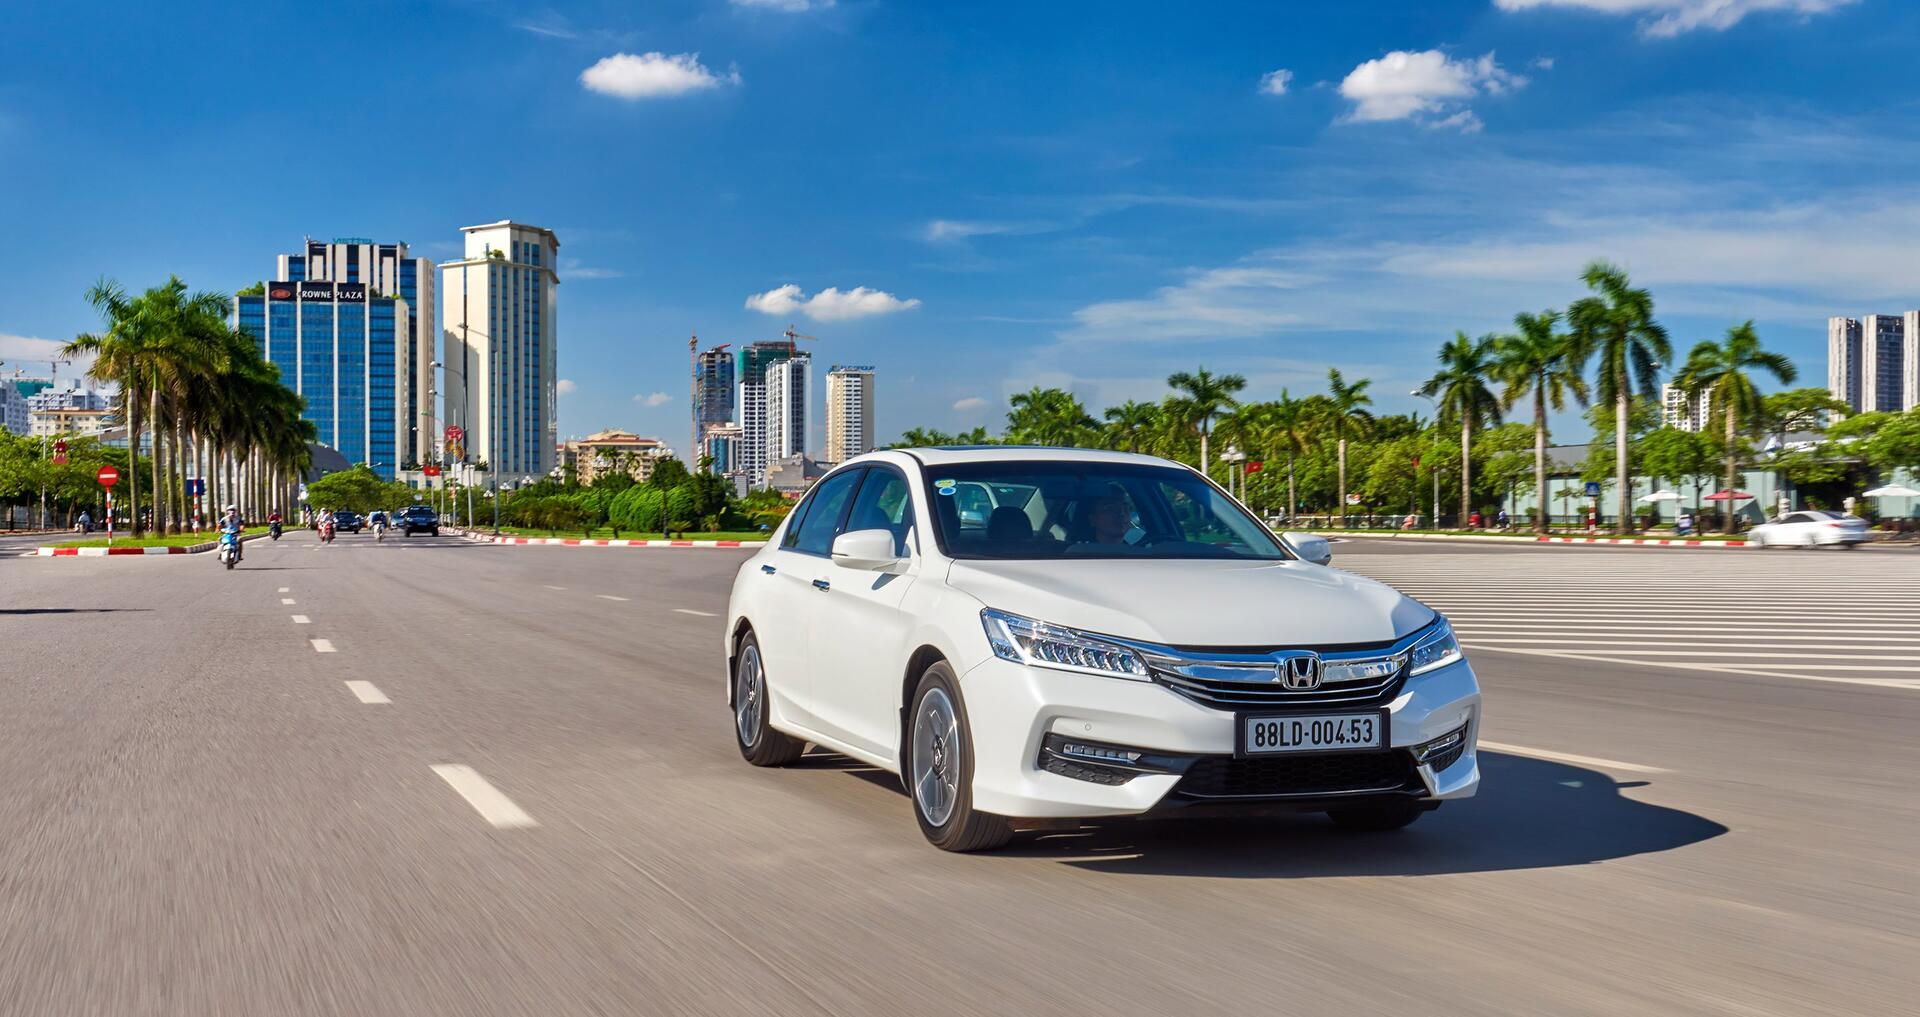 Đánh giá Honda Accord 2016: Ưa nhìn hơn, trang bị tốt hơn và lái phấn khích hơn - Hình 1